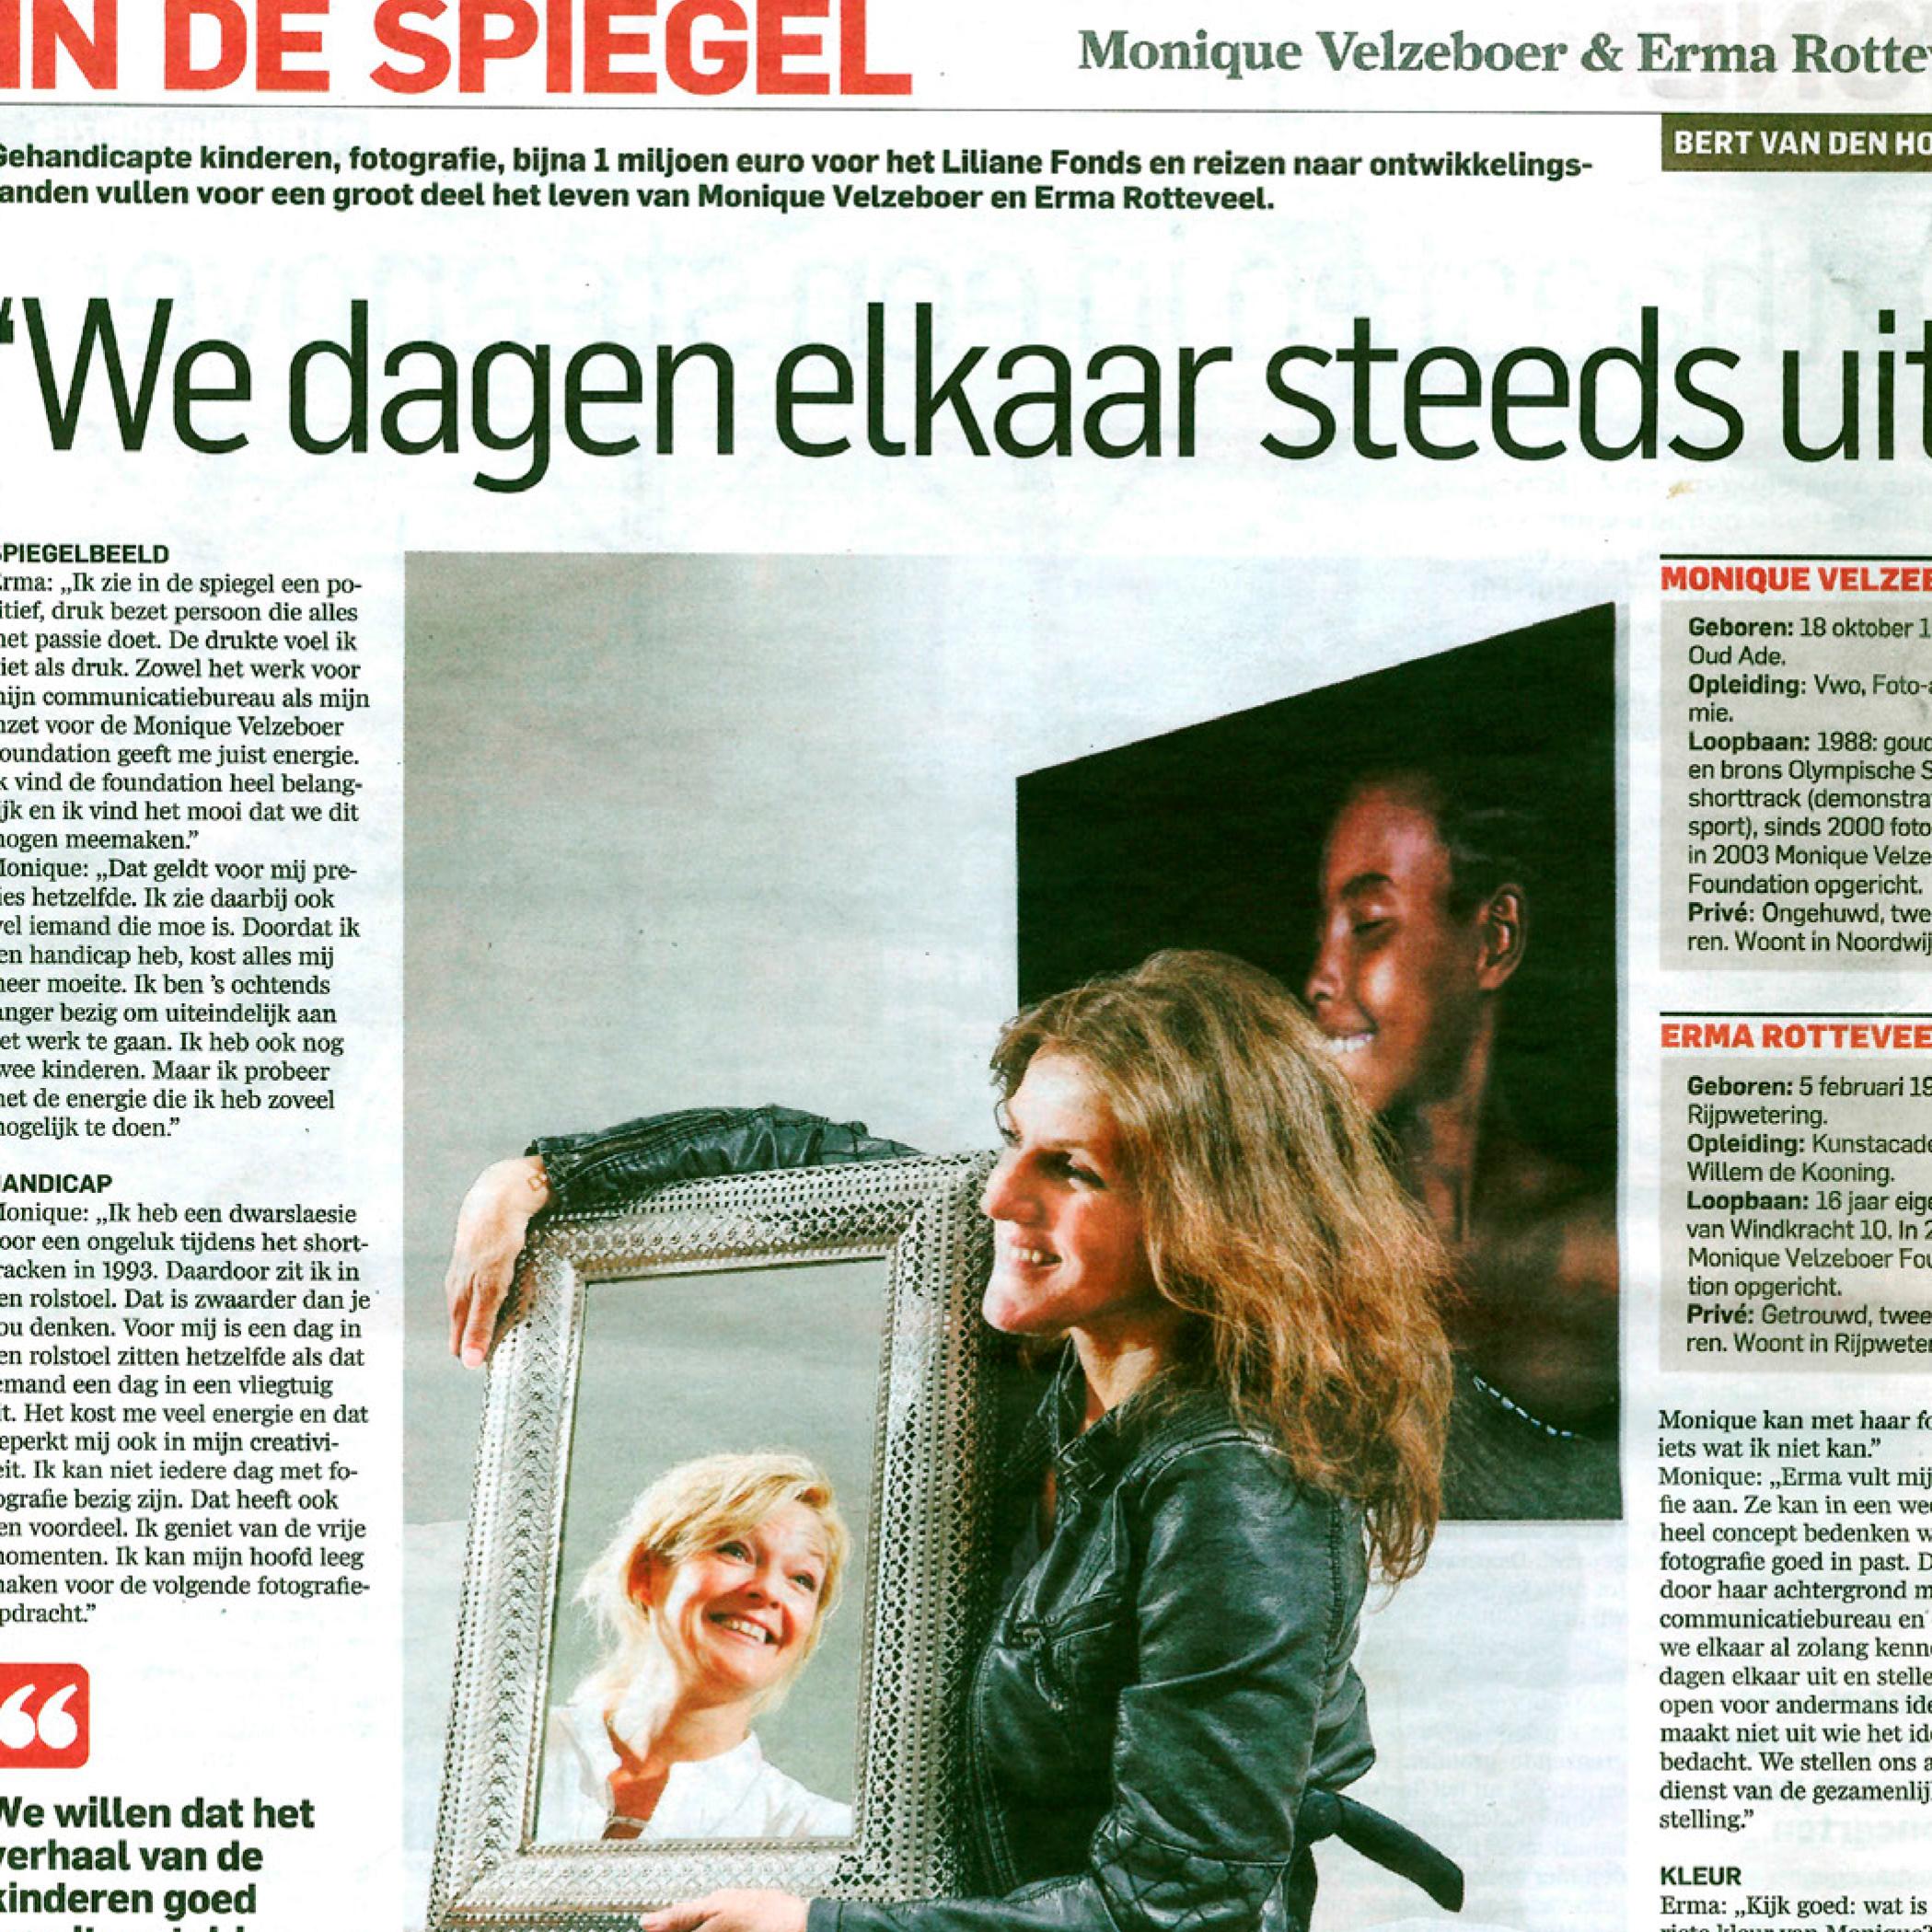 In de spiegel  Algemeen Dagblad  14-05-14